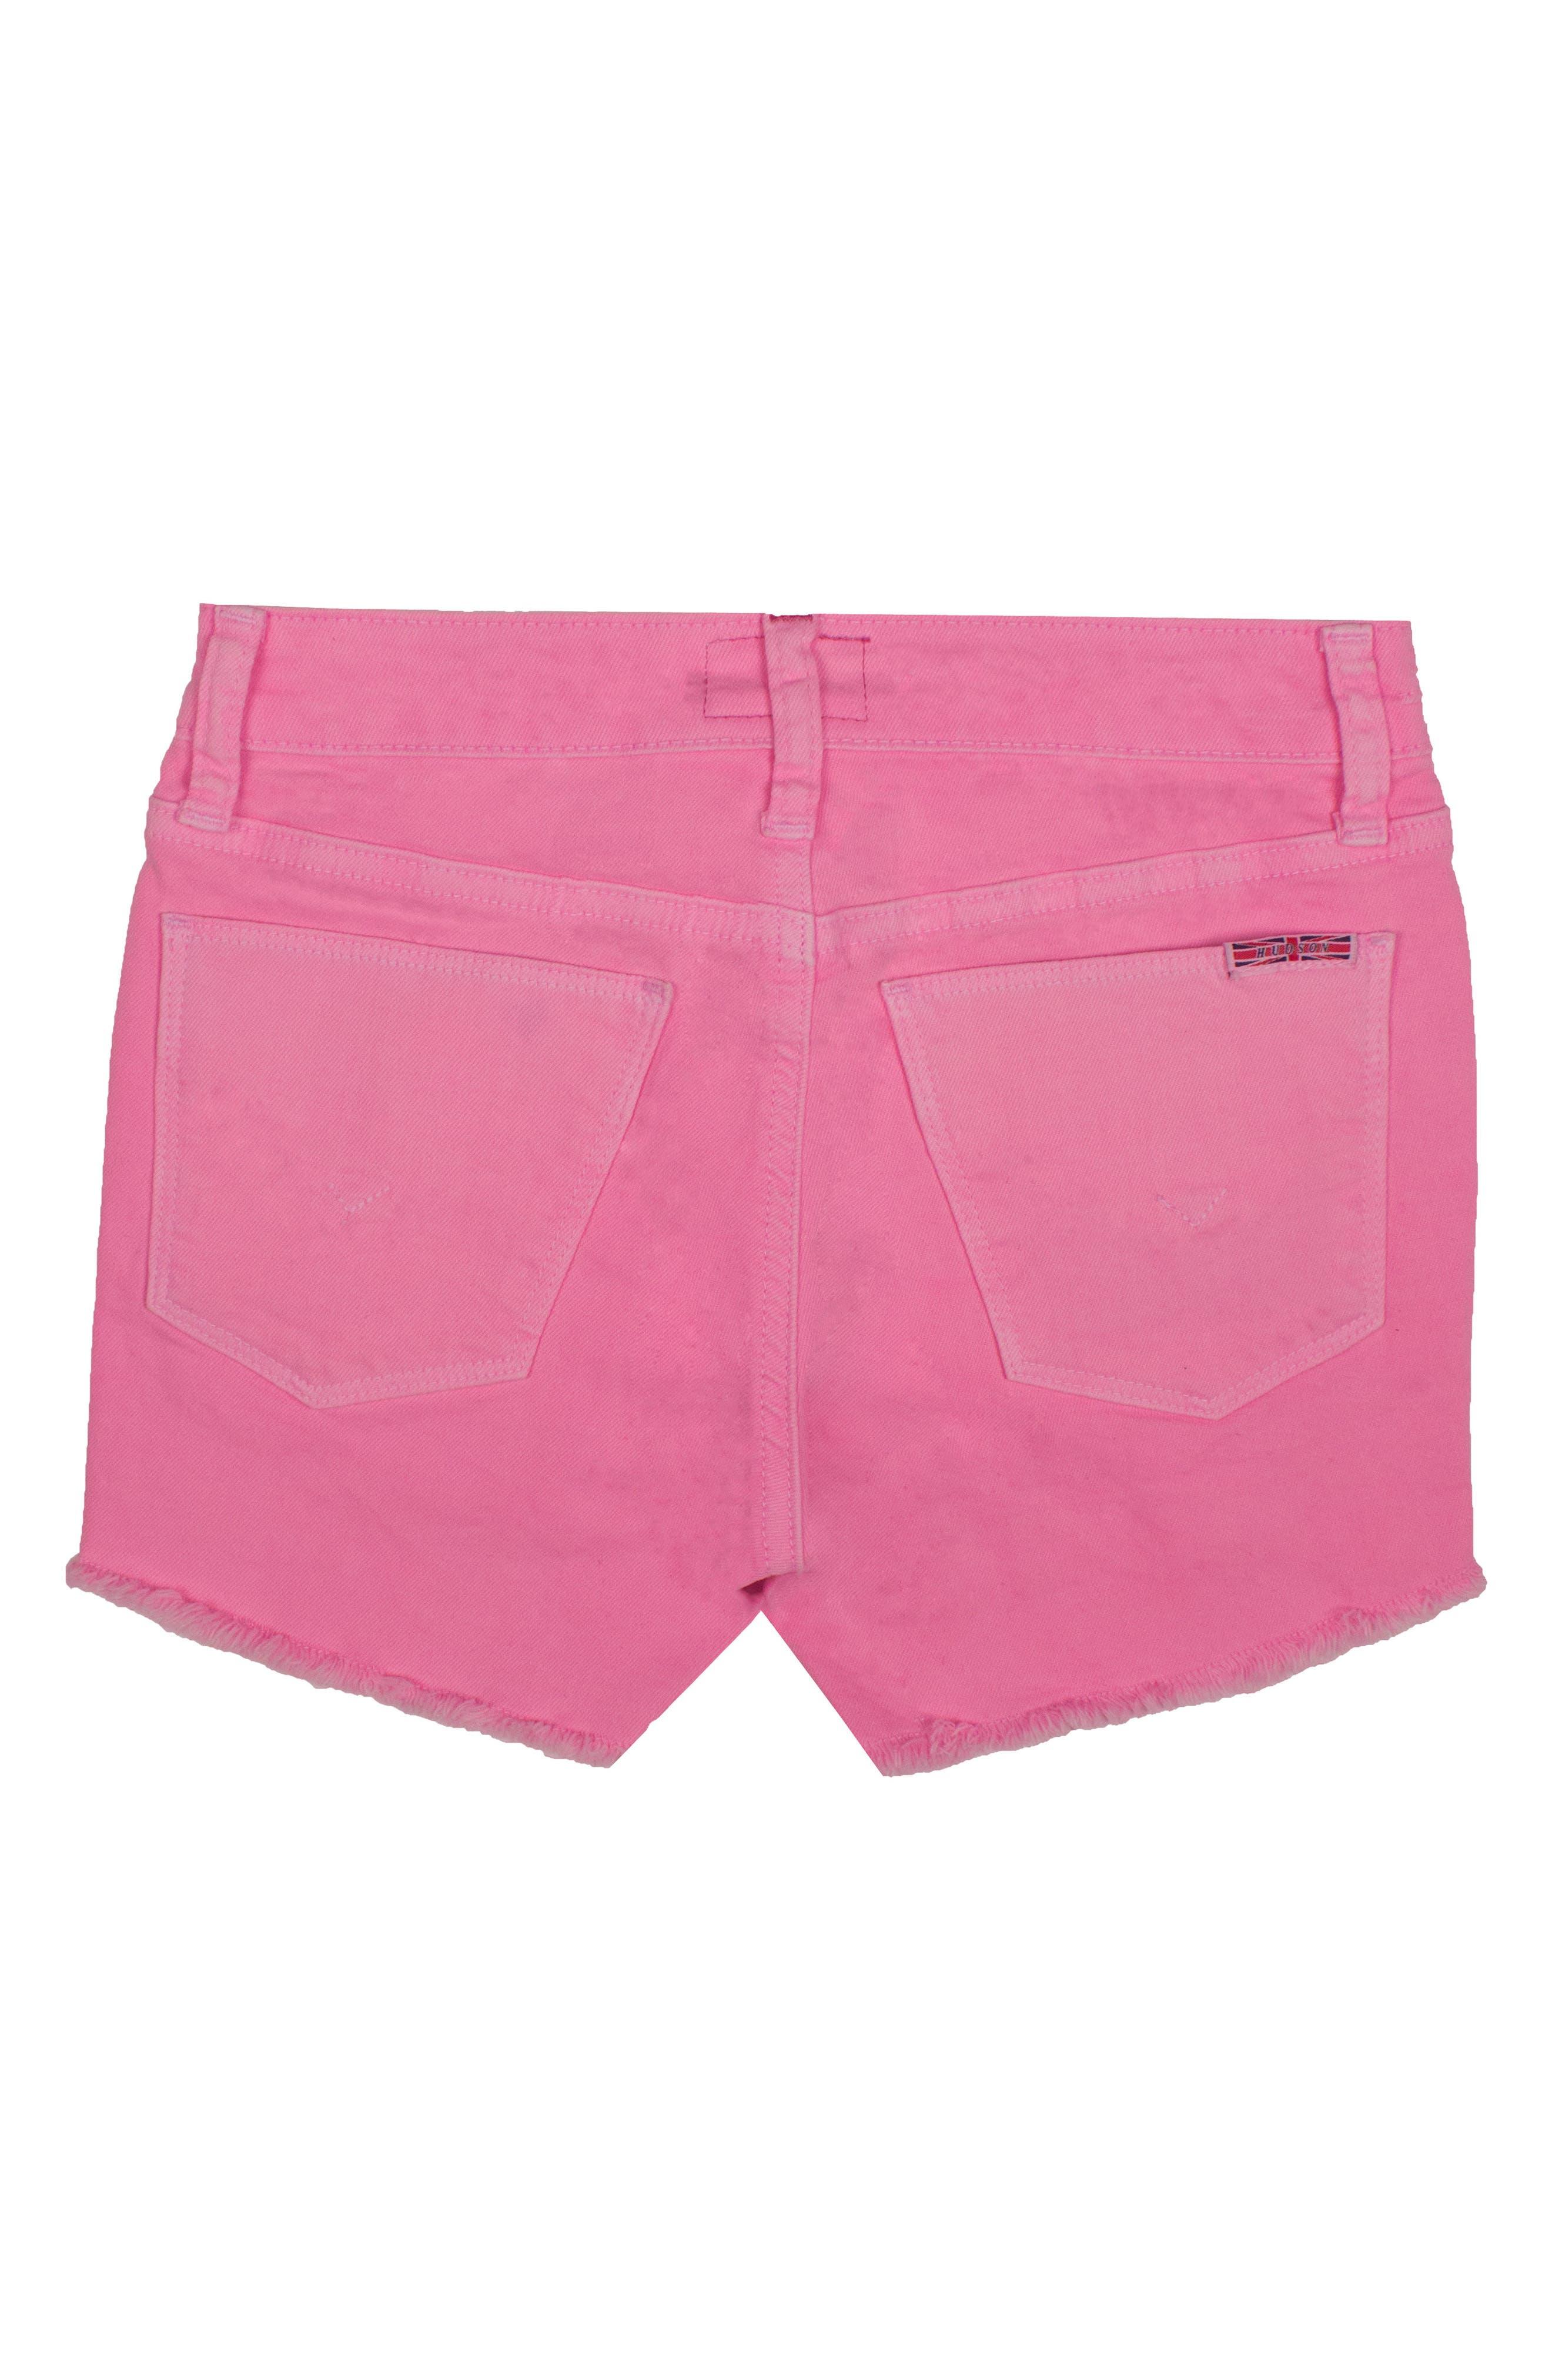 Ava Shorts,                         Main,                         color, 694